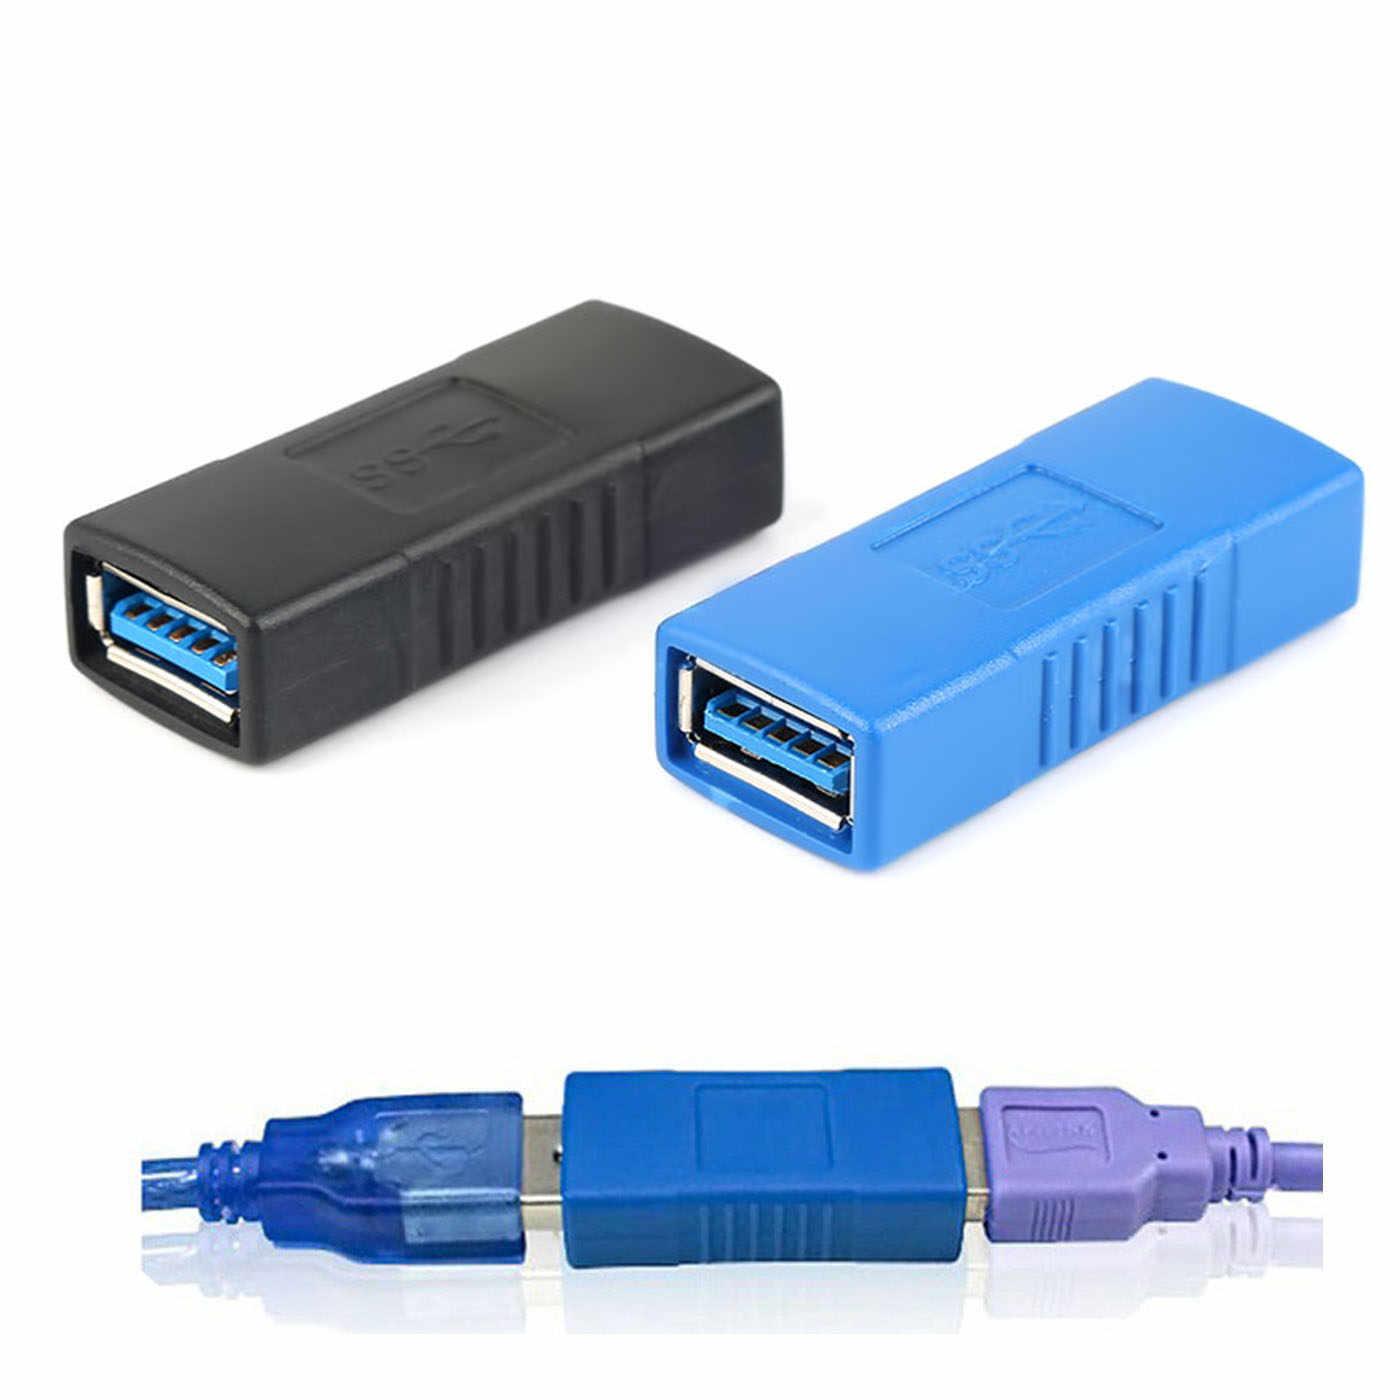 1 個の USB 3.0 アダプタコネクタタイプ A メスチェンジャーコネクタ耐久性のある Pc のラップトップコンピュータ用の